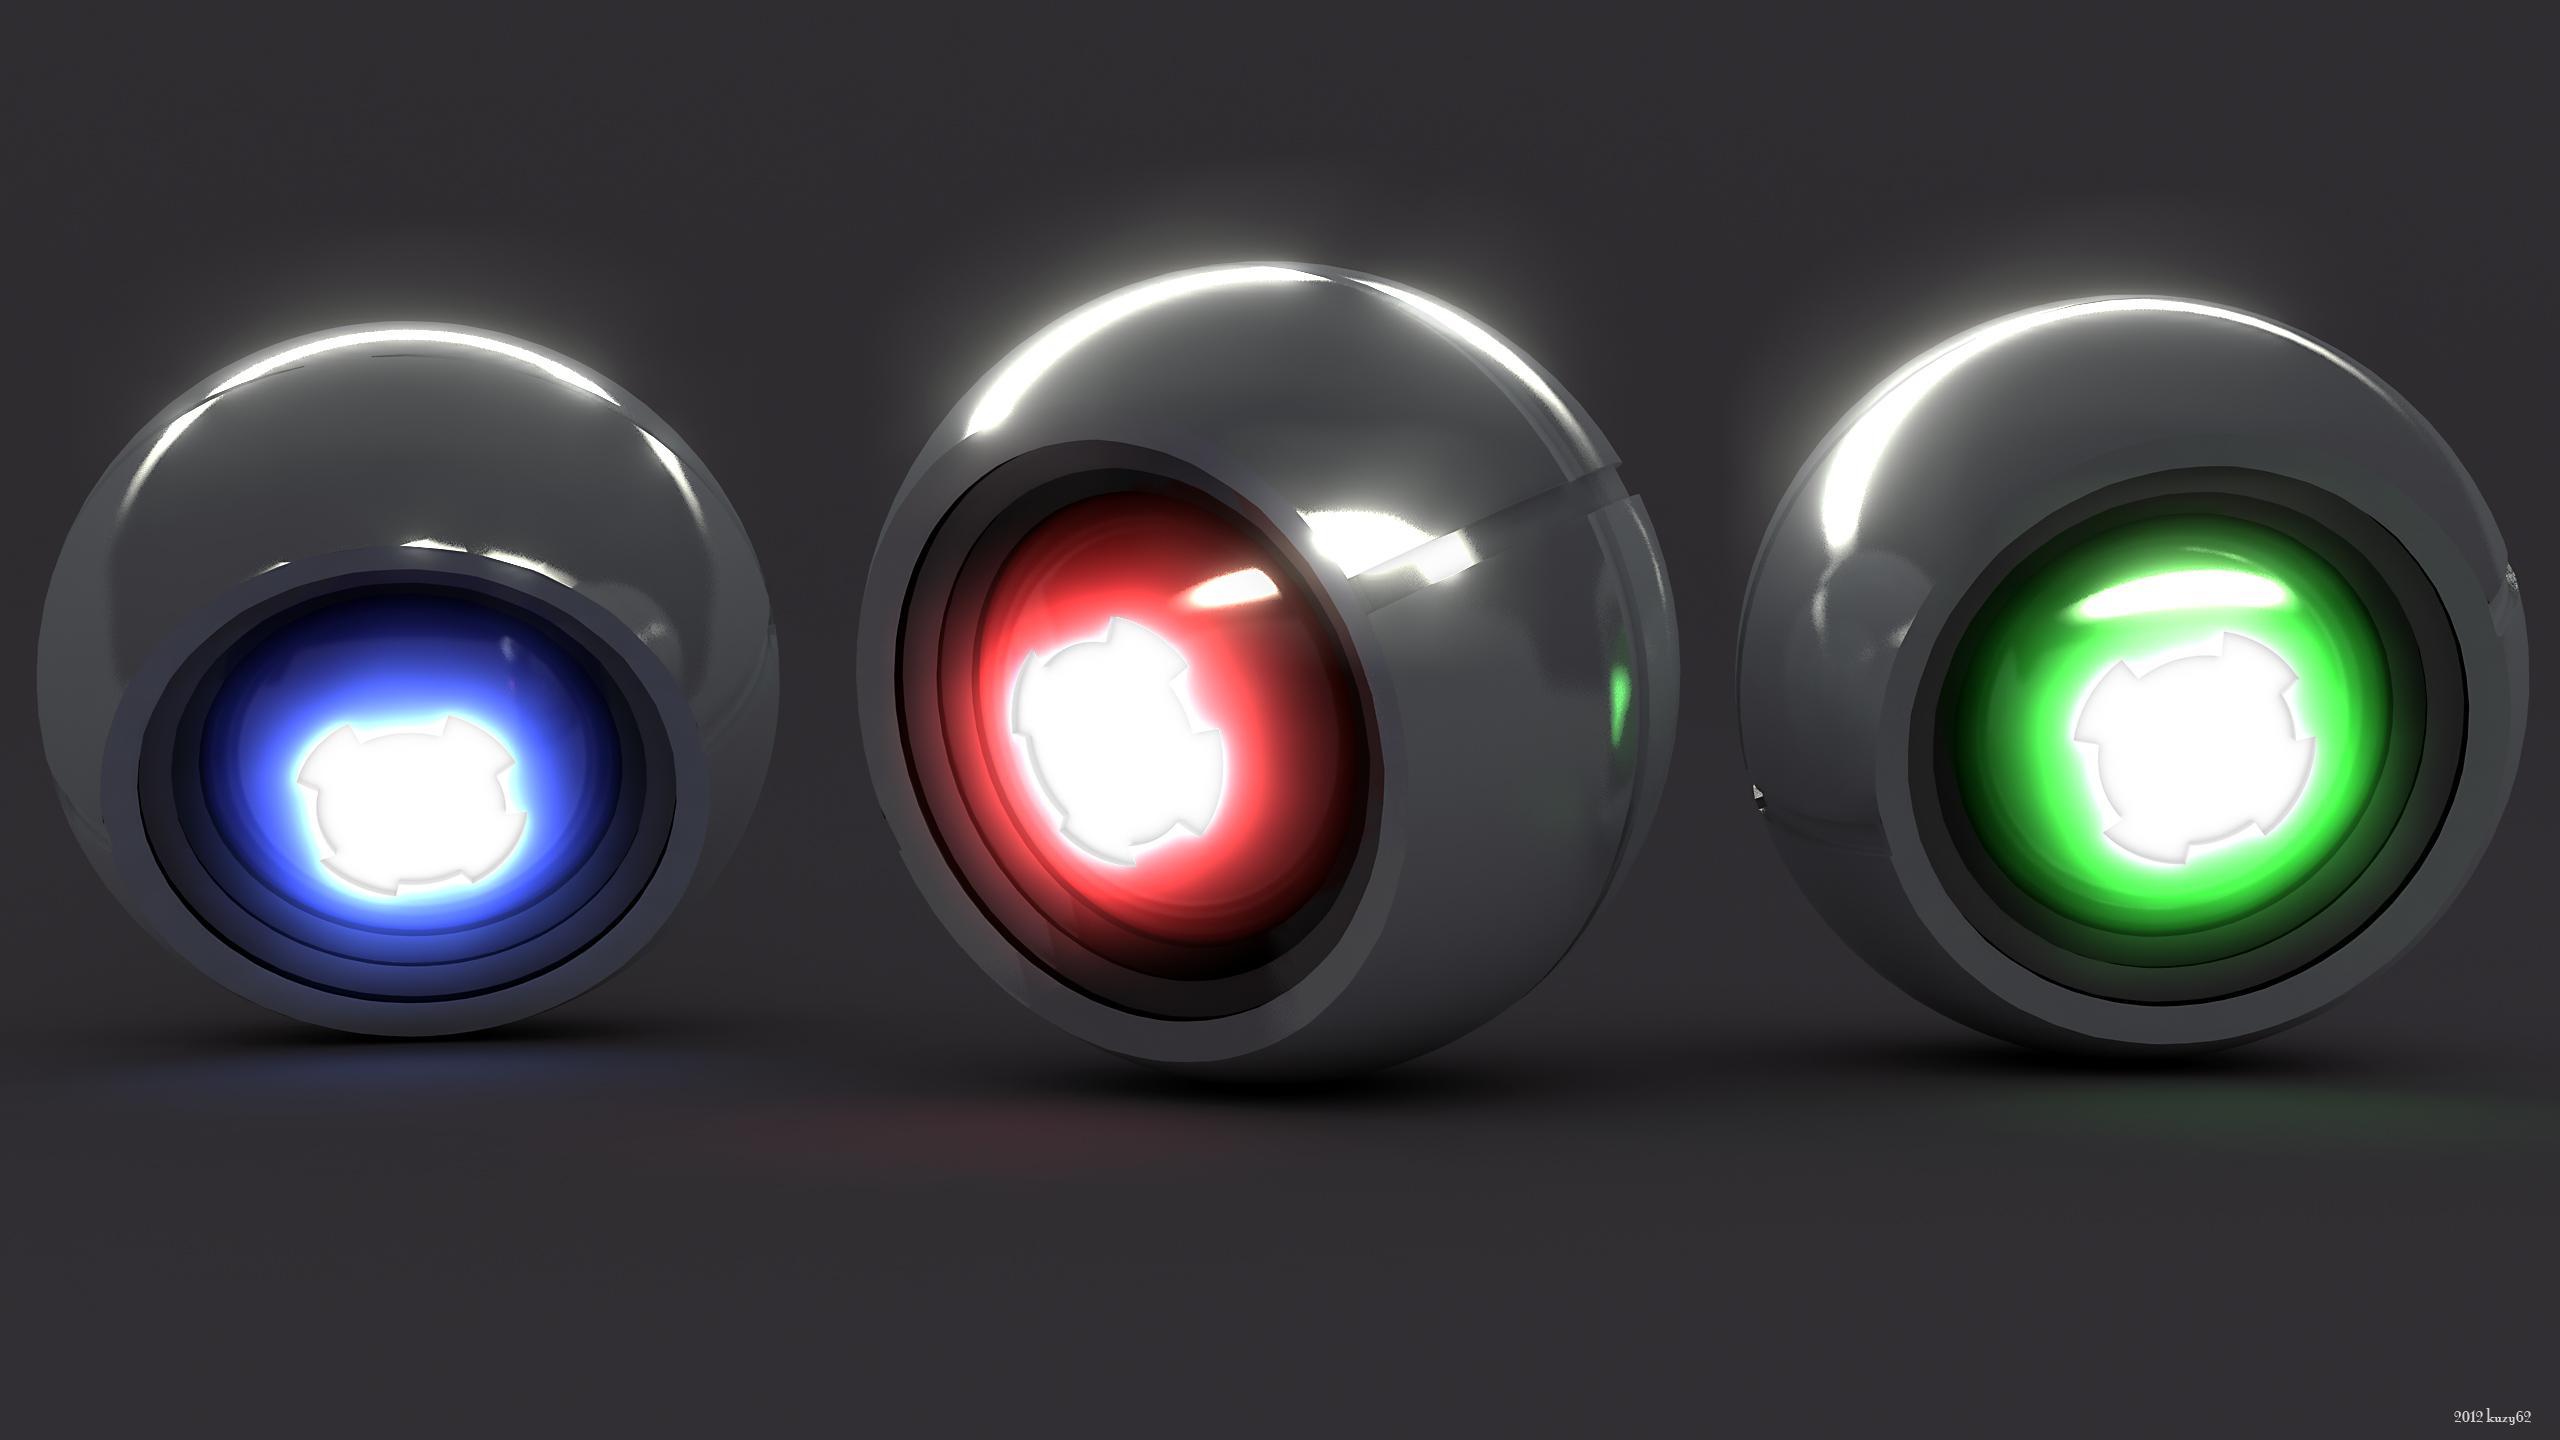 Watcheyes